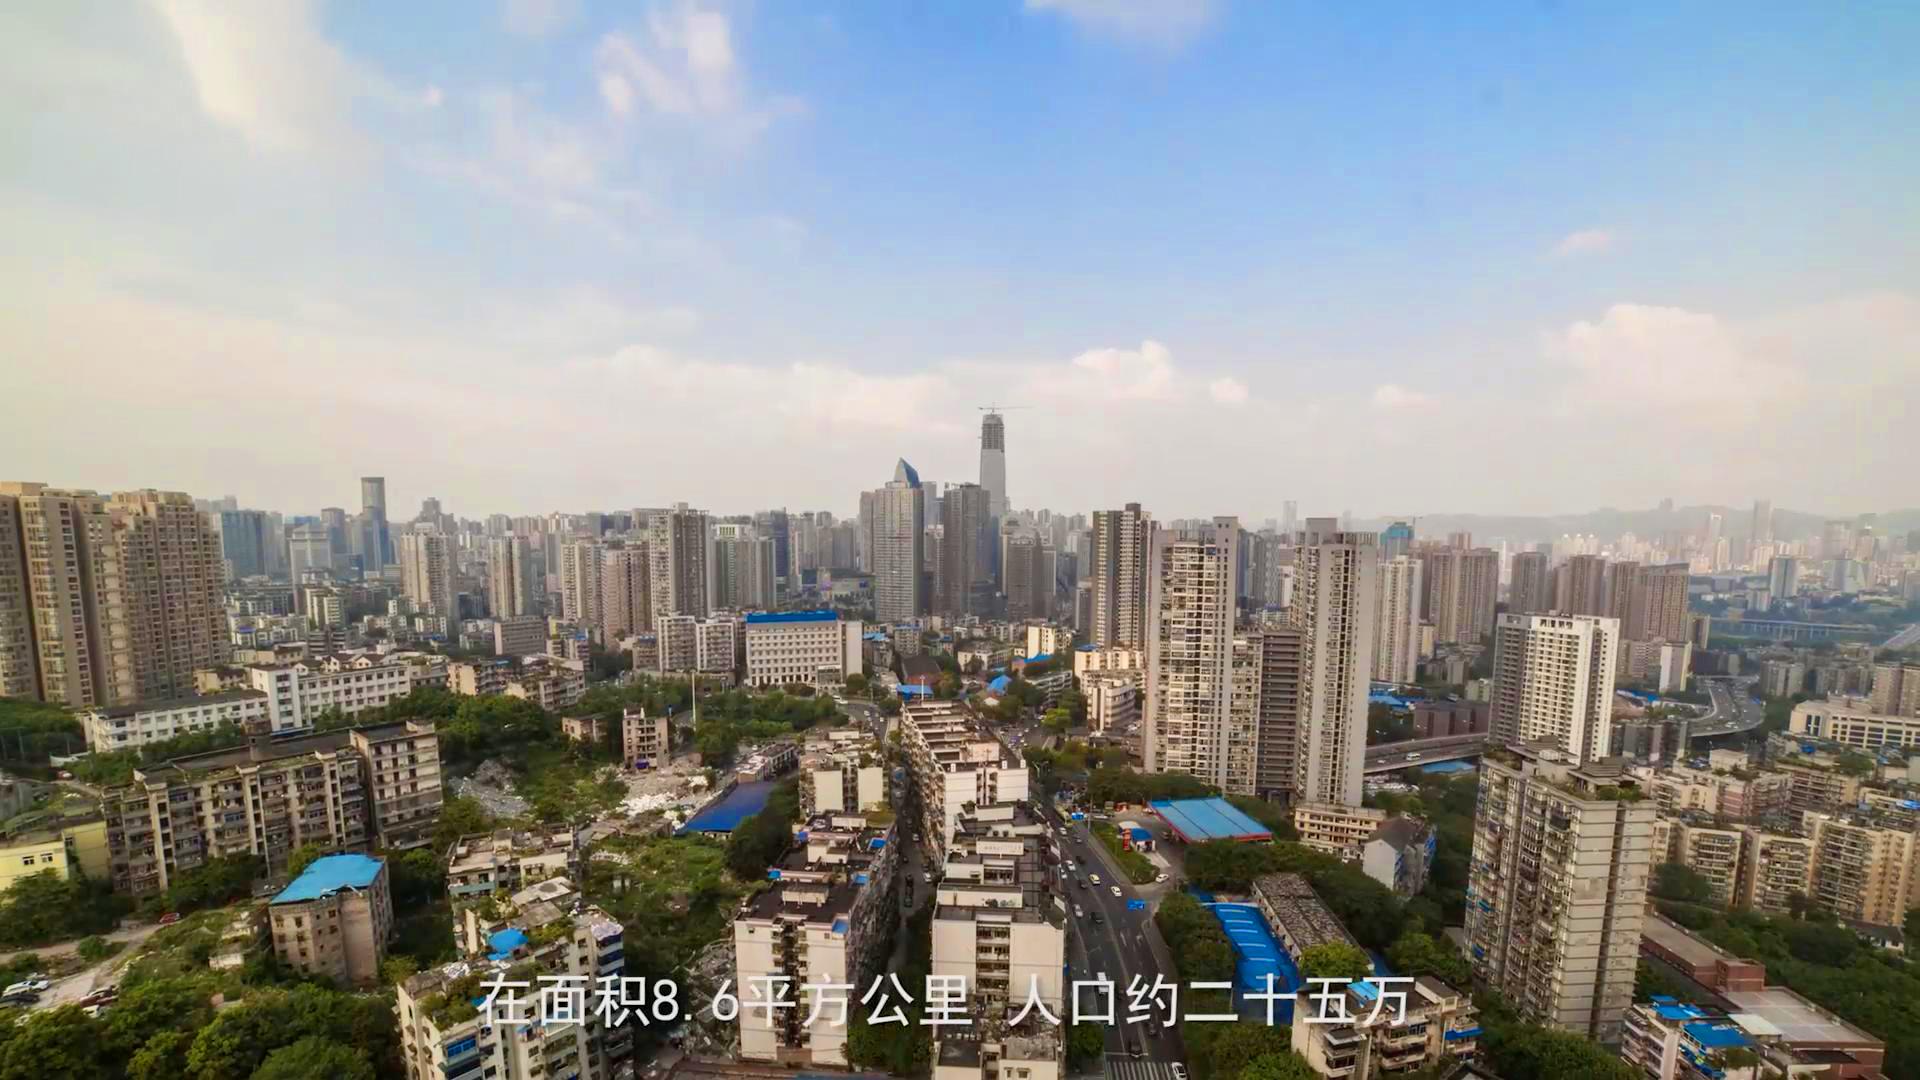 重慶觀音橋社區 宣傳片